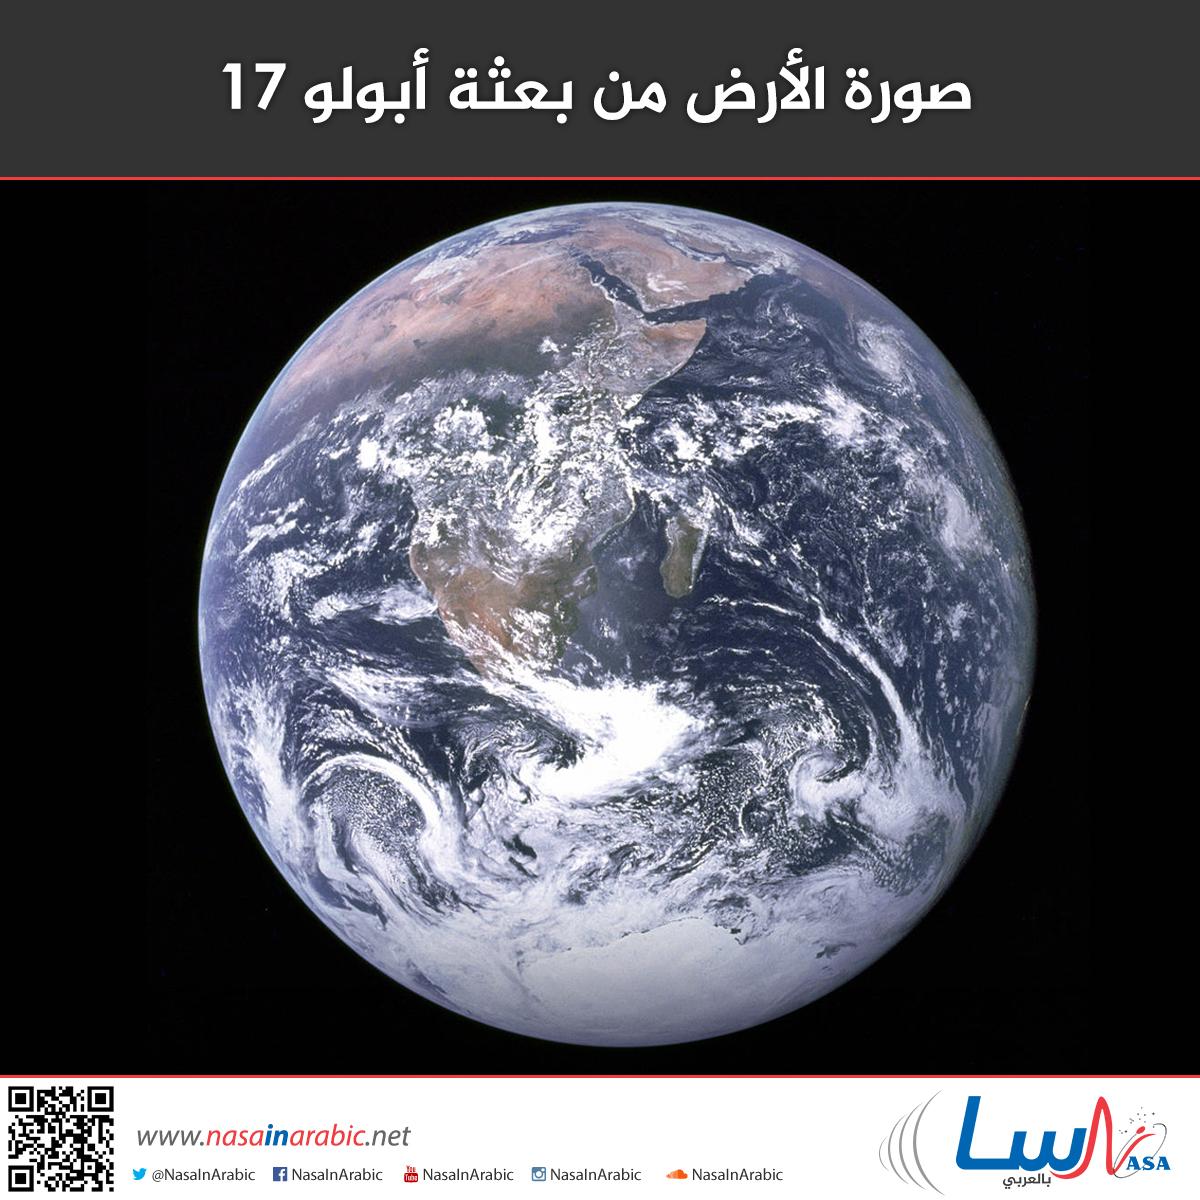 صورة الأرض من بعثة أبولو 17